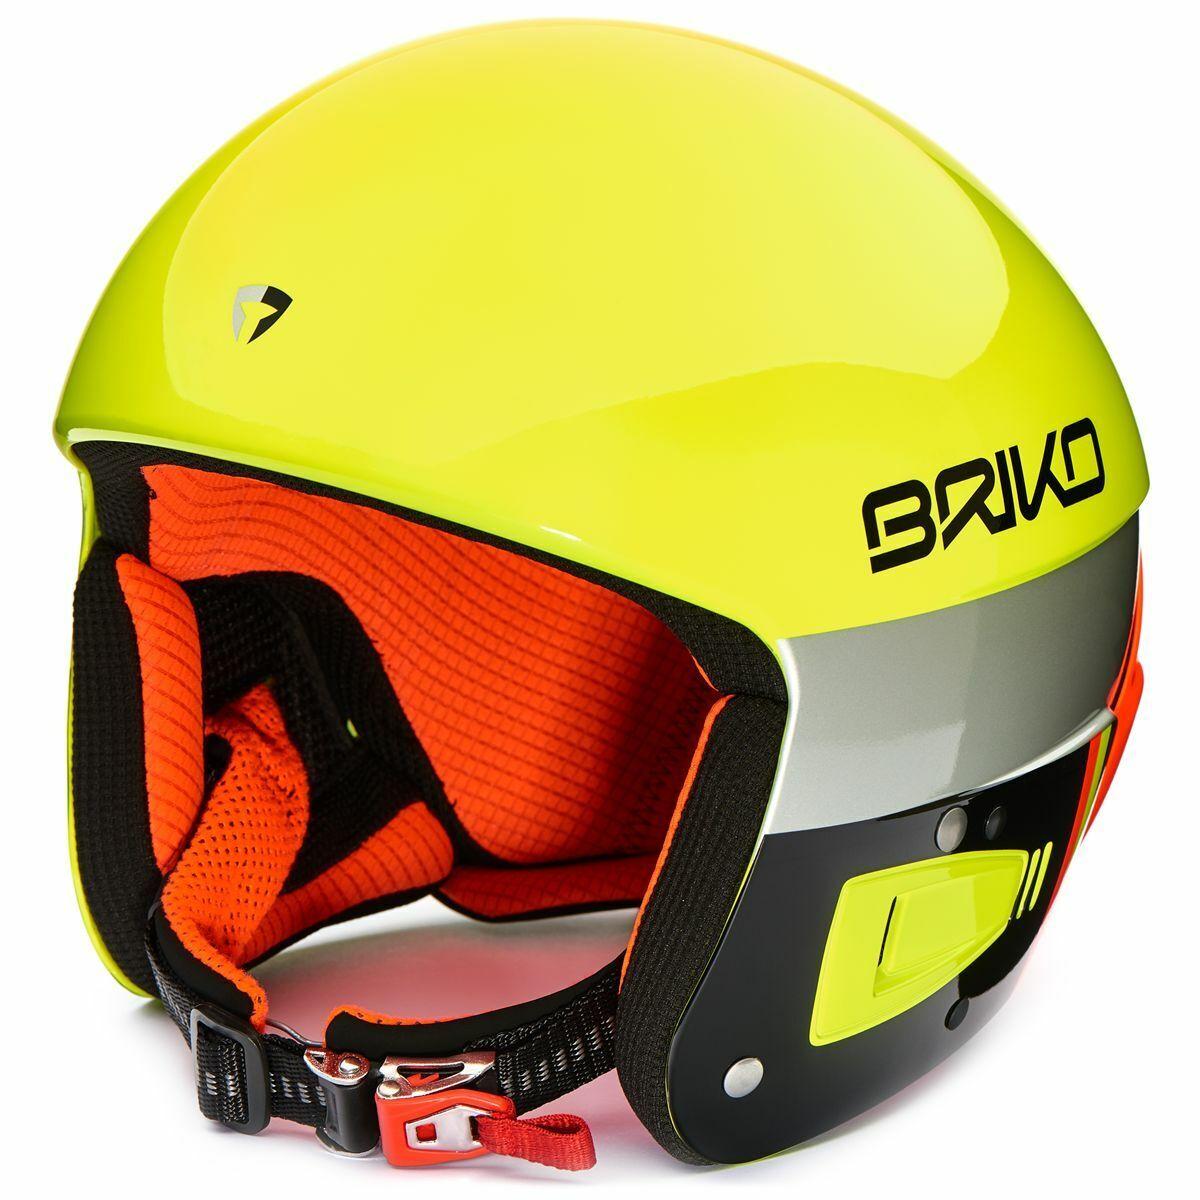 Helm Wettspiel Cup die Welt Skifahren Unisex Briko Vulcano Fis 6.8 Kol. Gelb